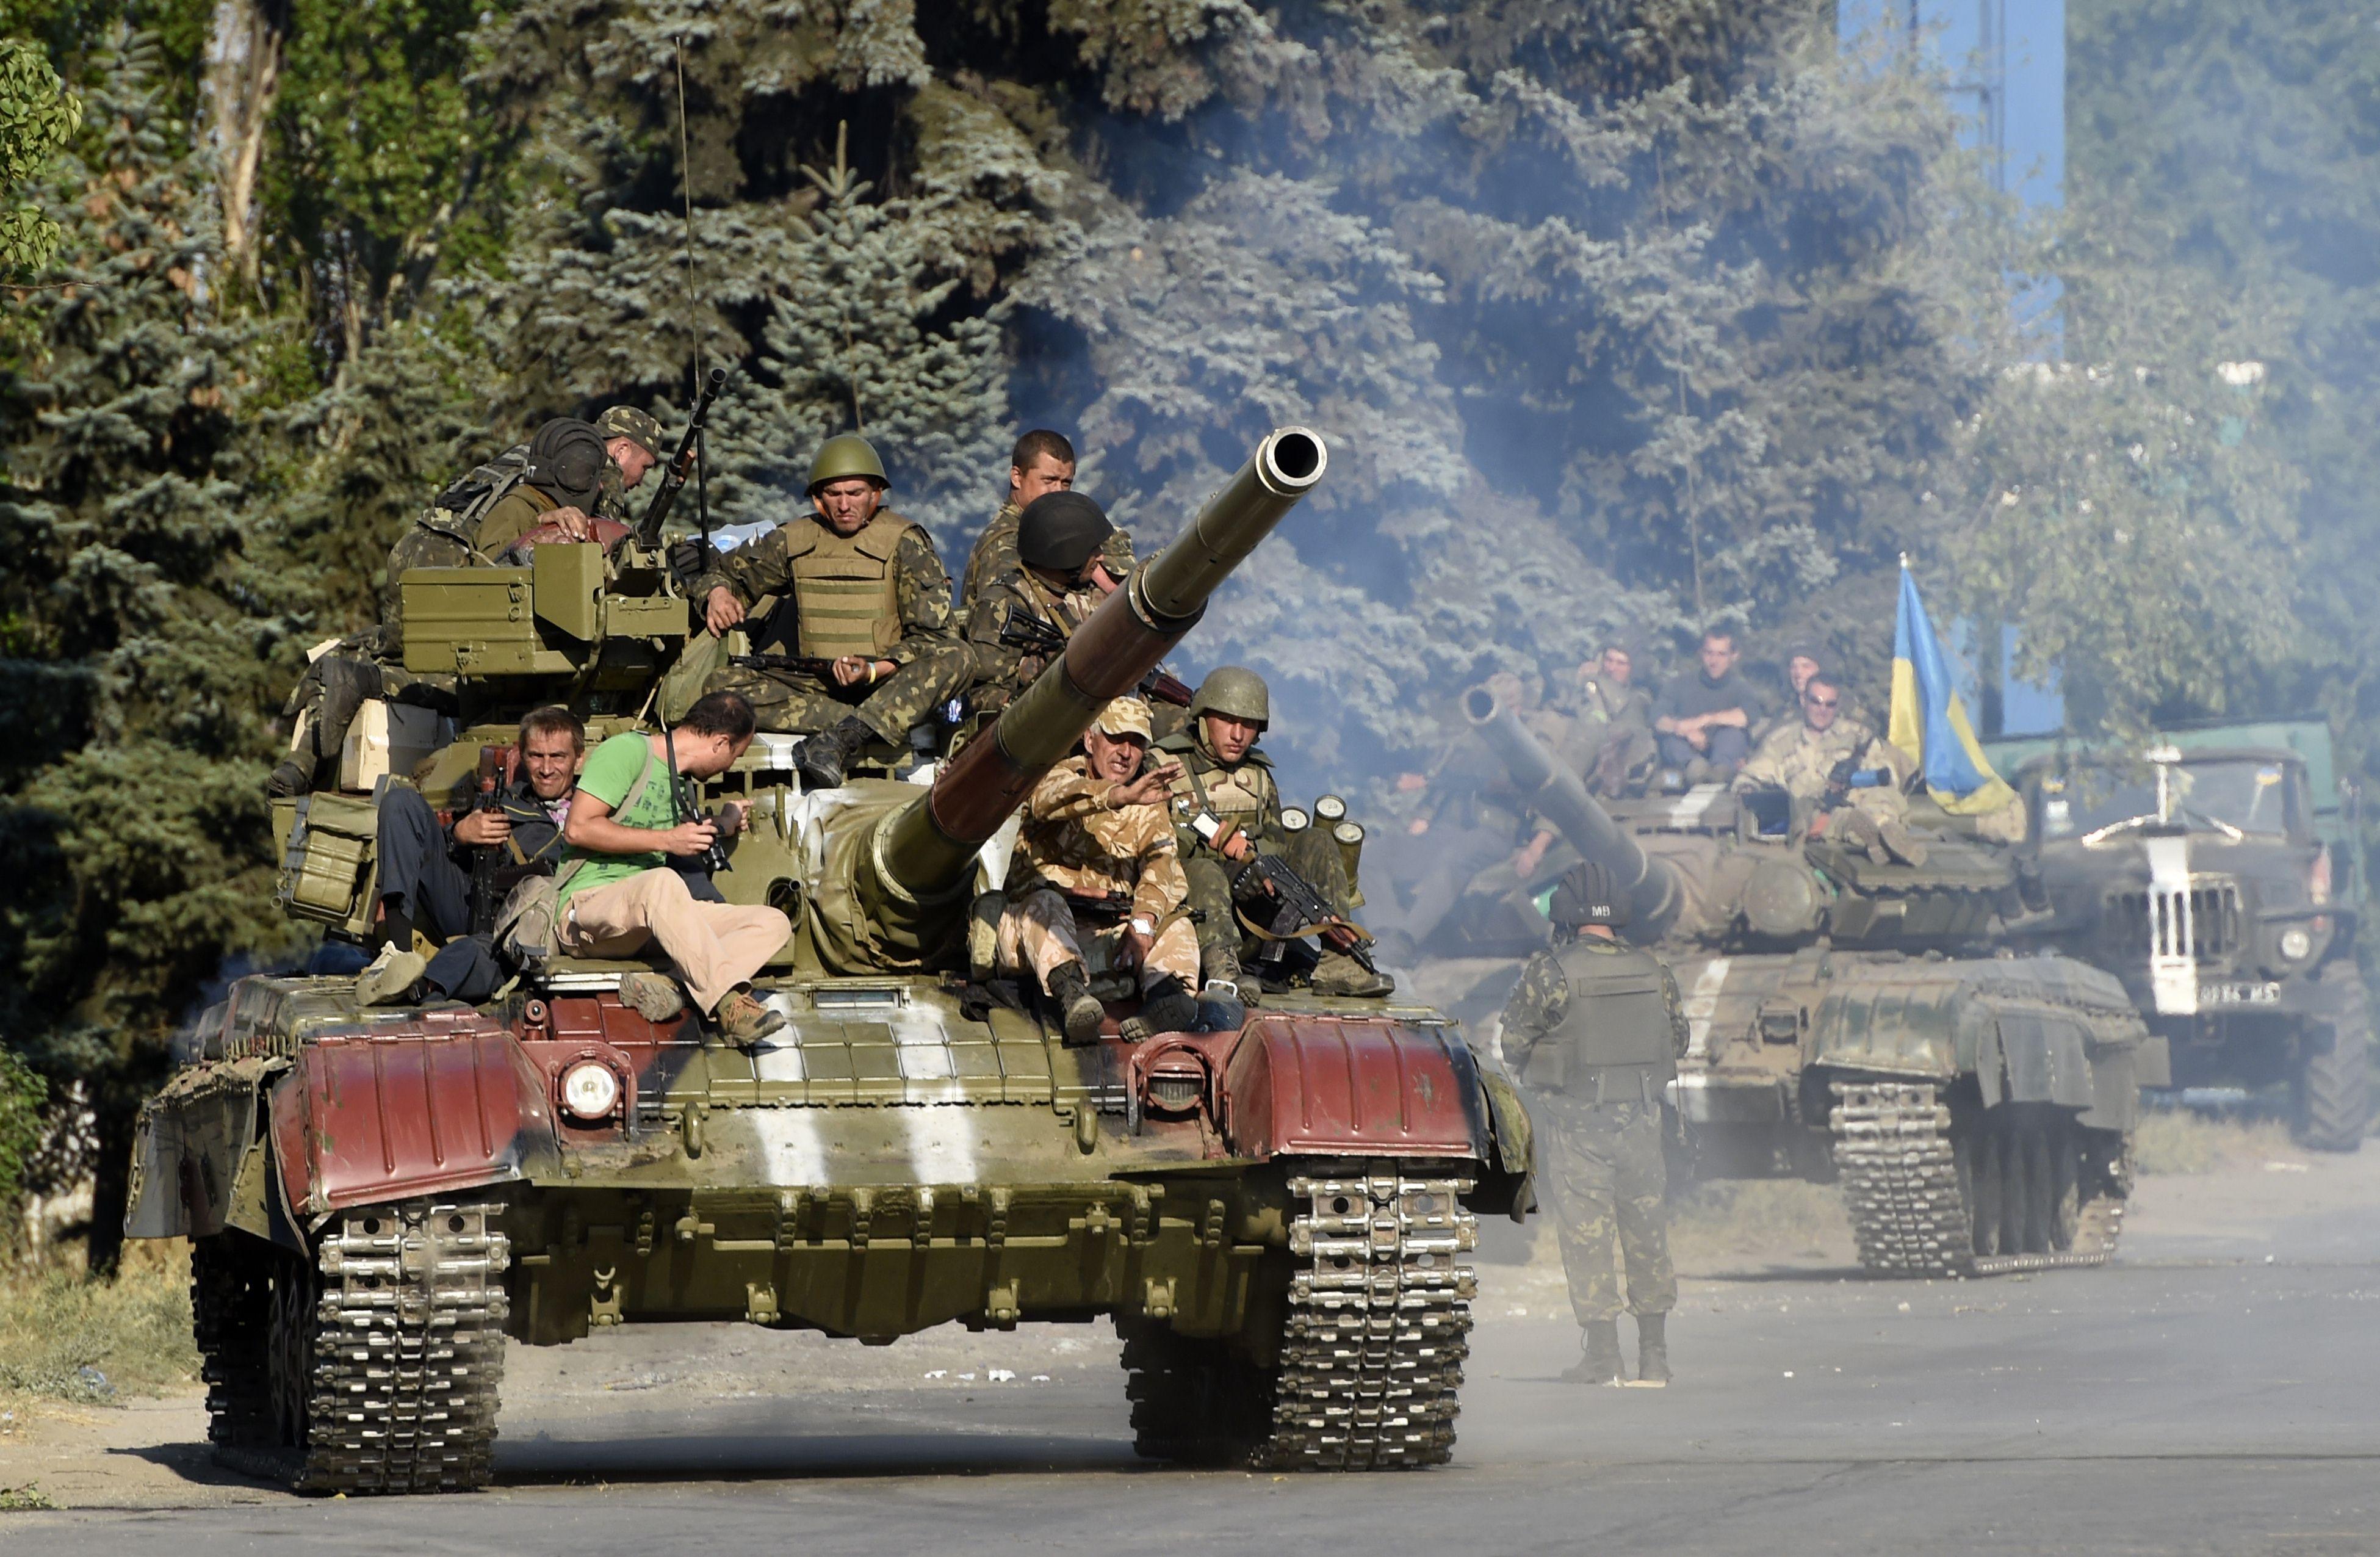 Criza in Ucraina. Kievul a anuntat semnarea unui acord preliminar de armistitiu cu separatistii prorusi